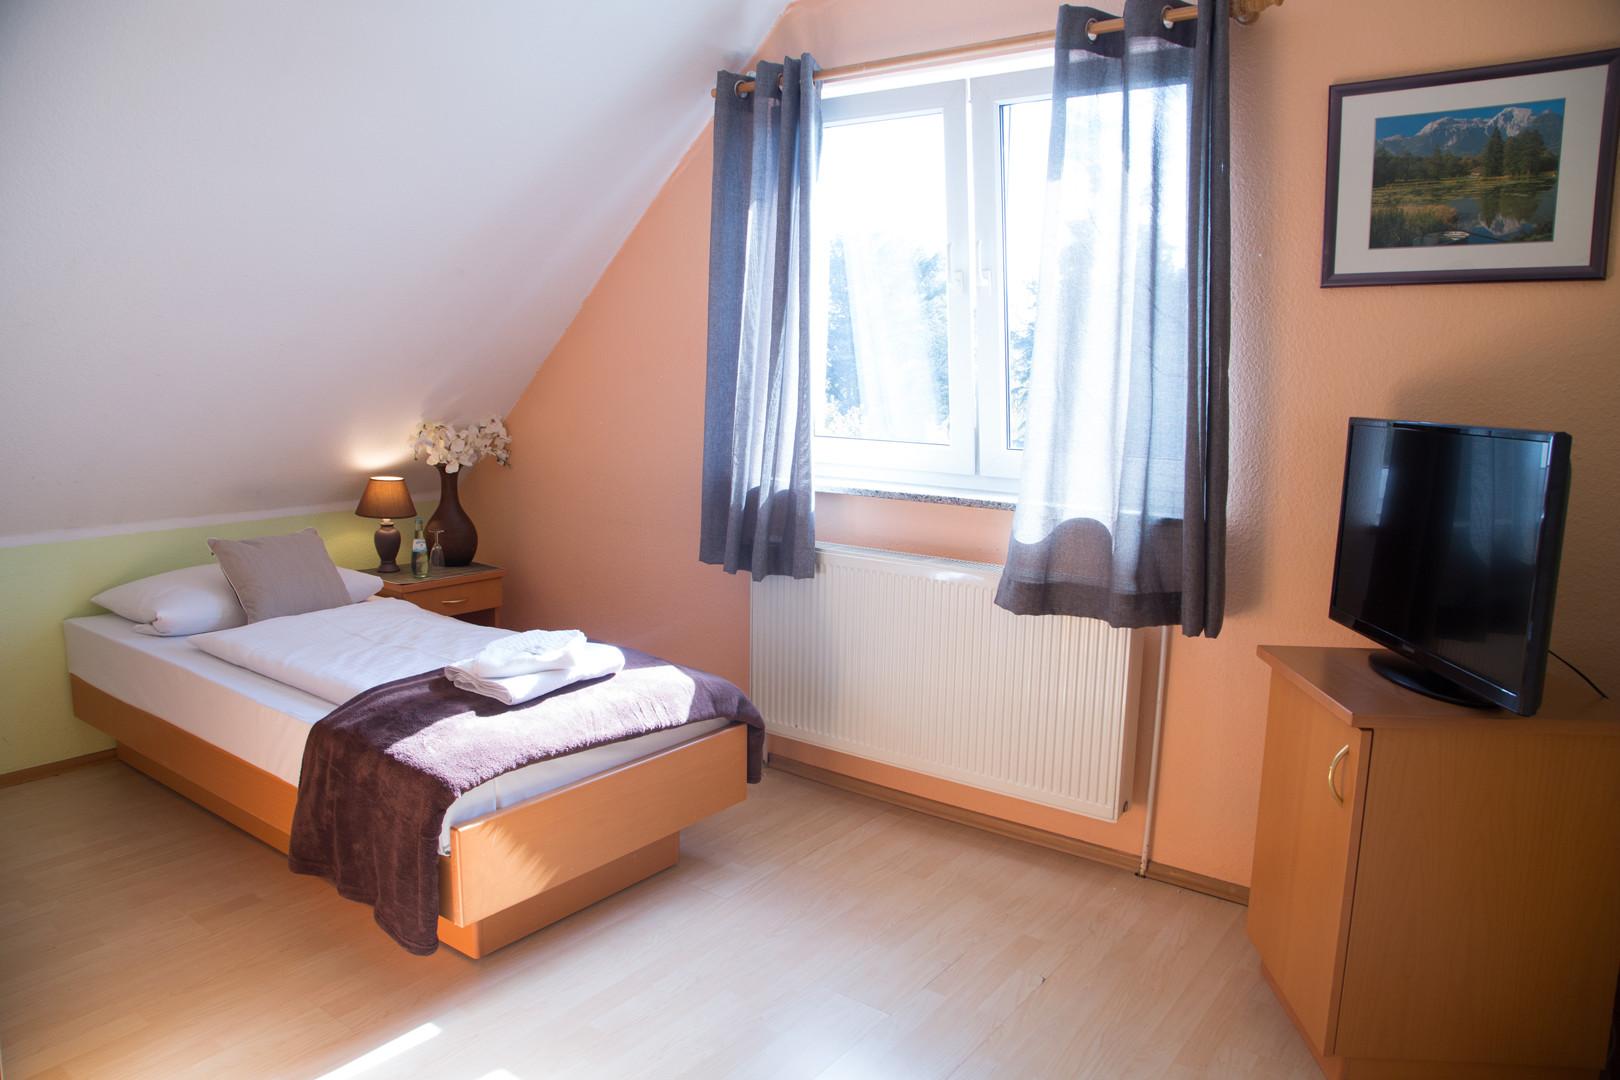 Einbettzimmer5